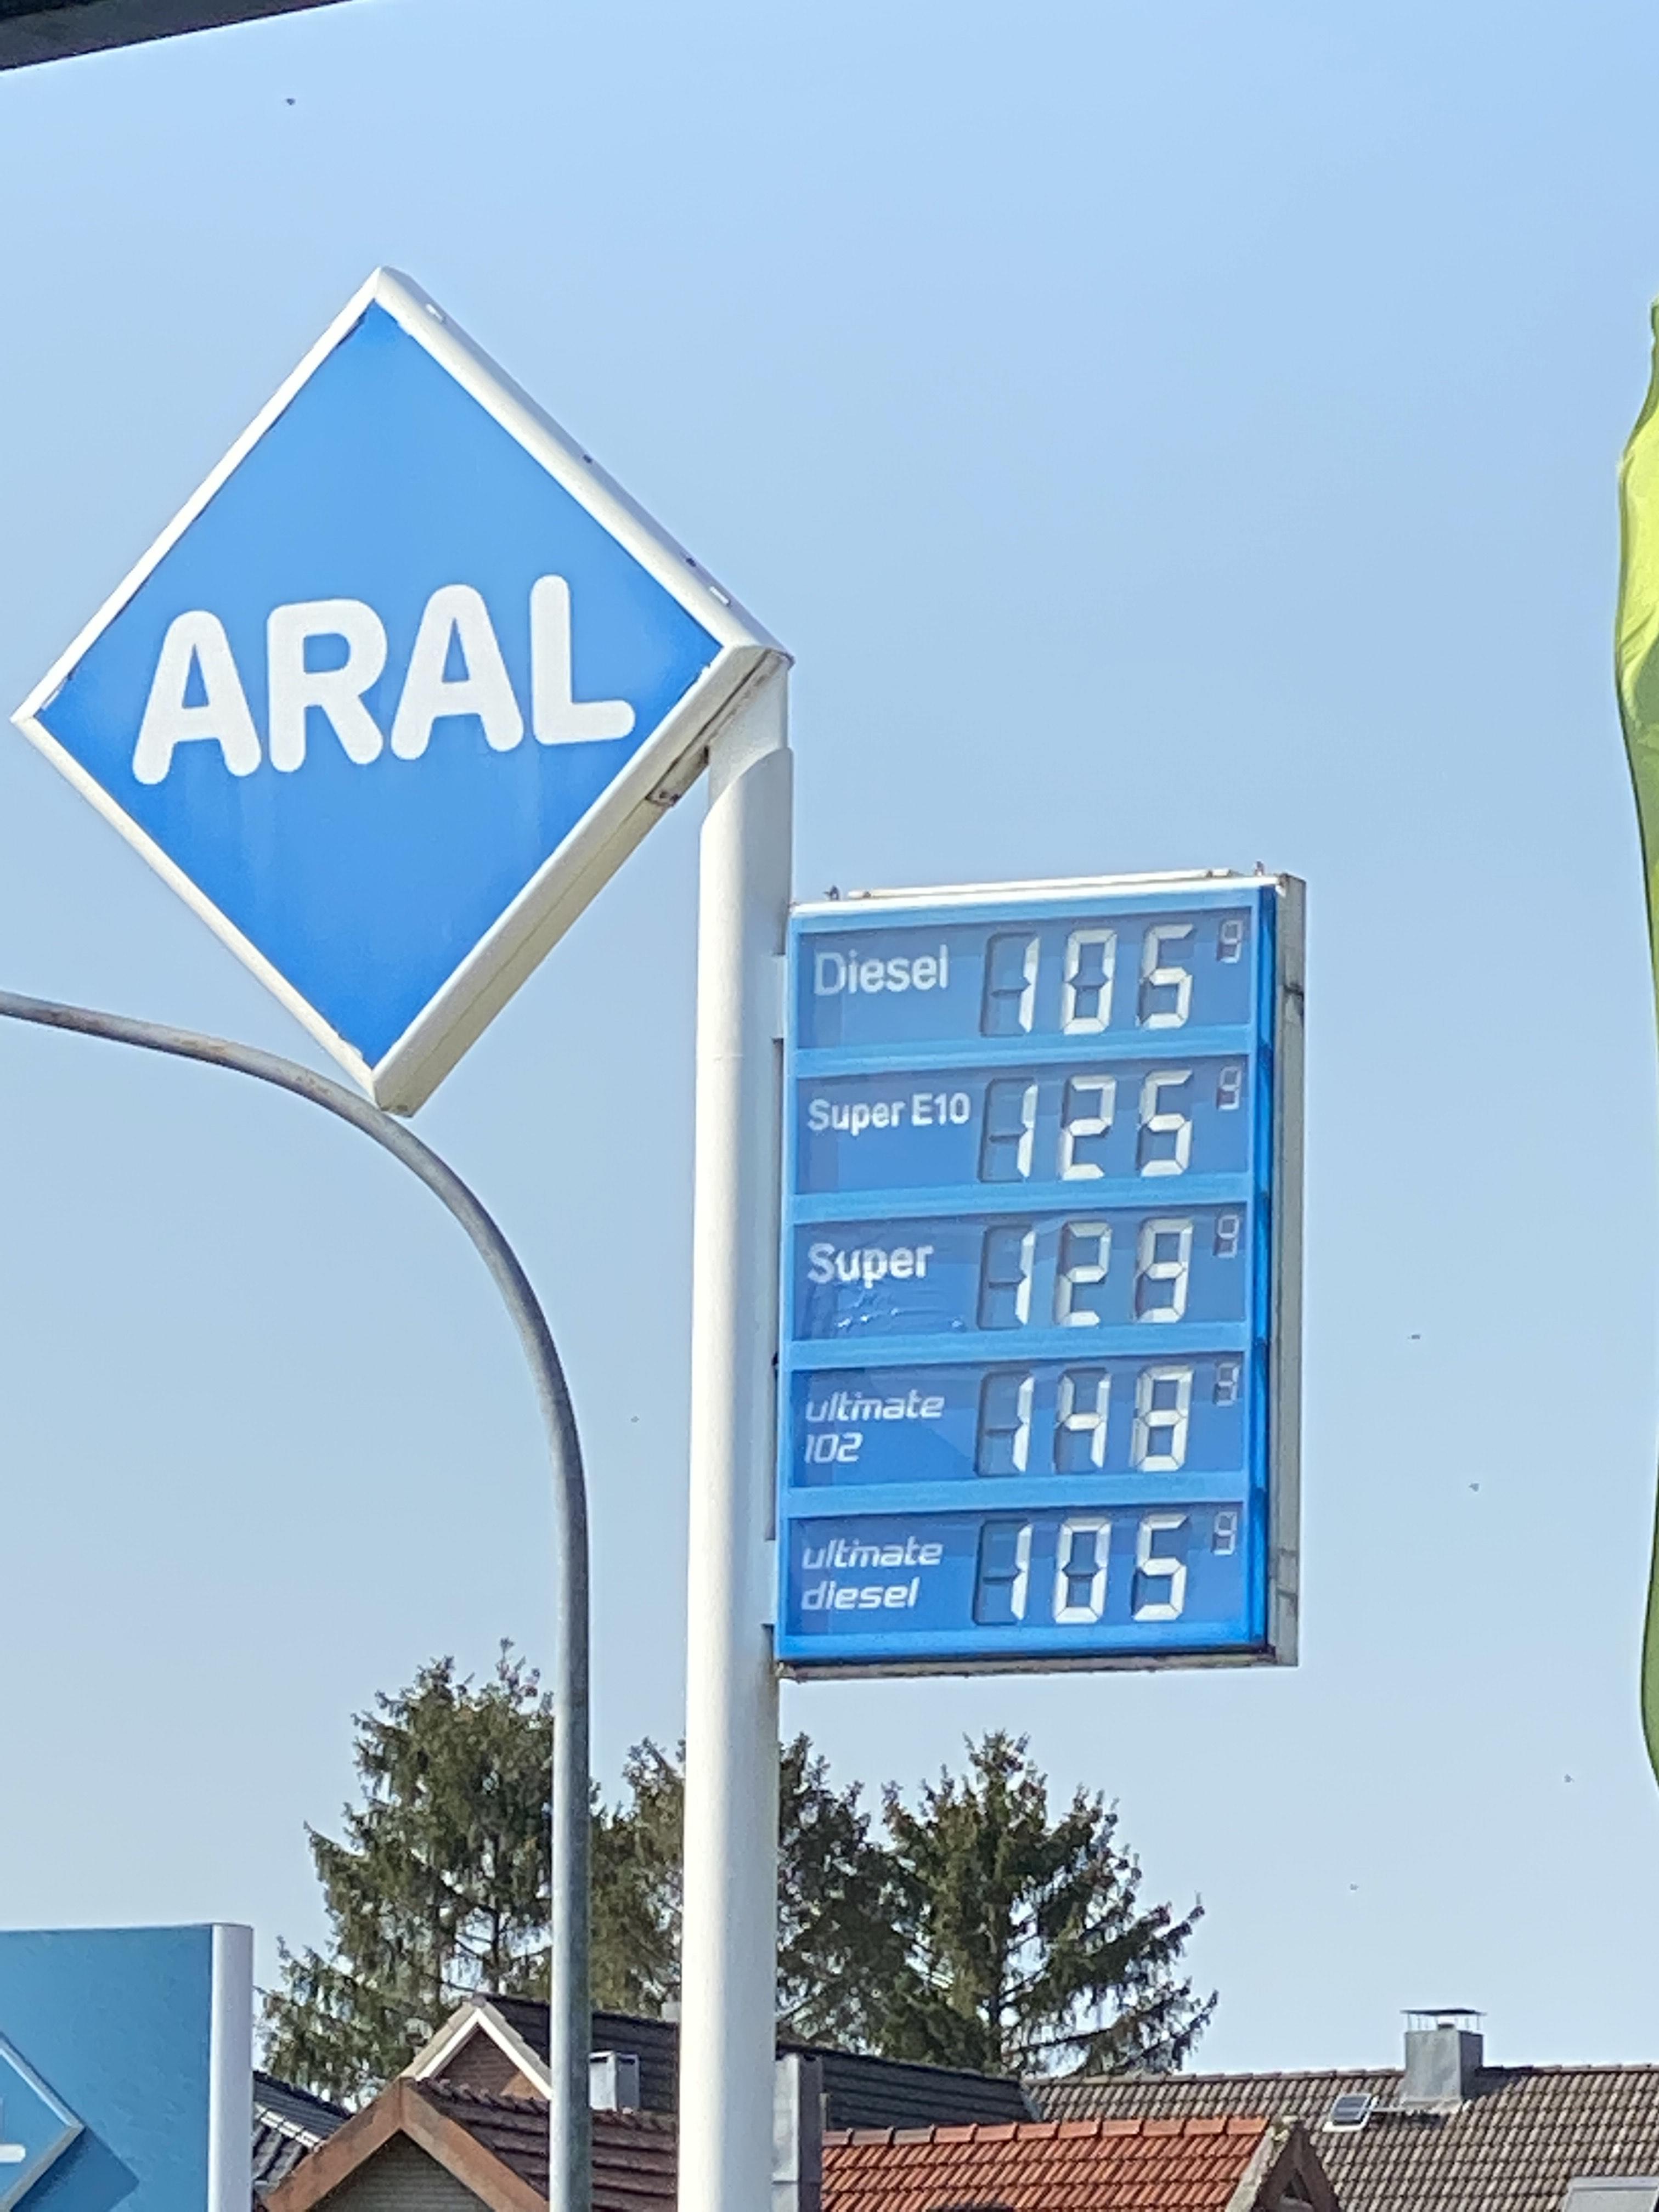 Aral ultimate Diesel zum Diesel Preis